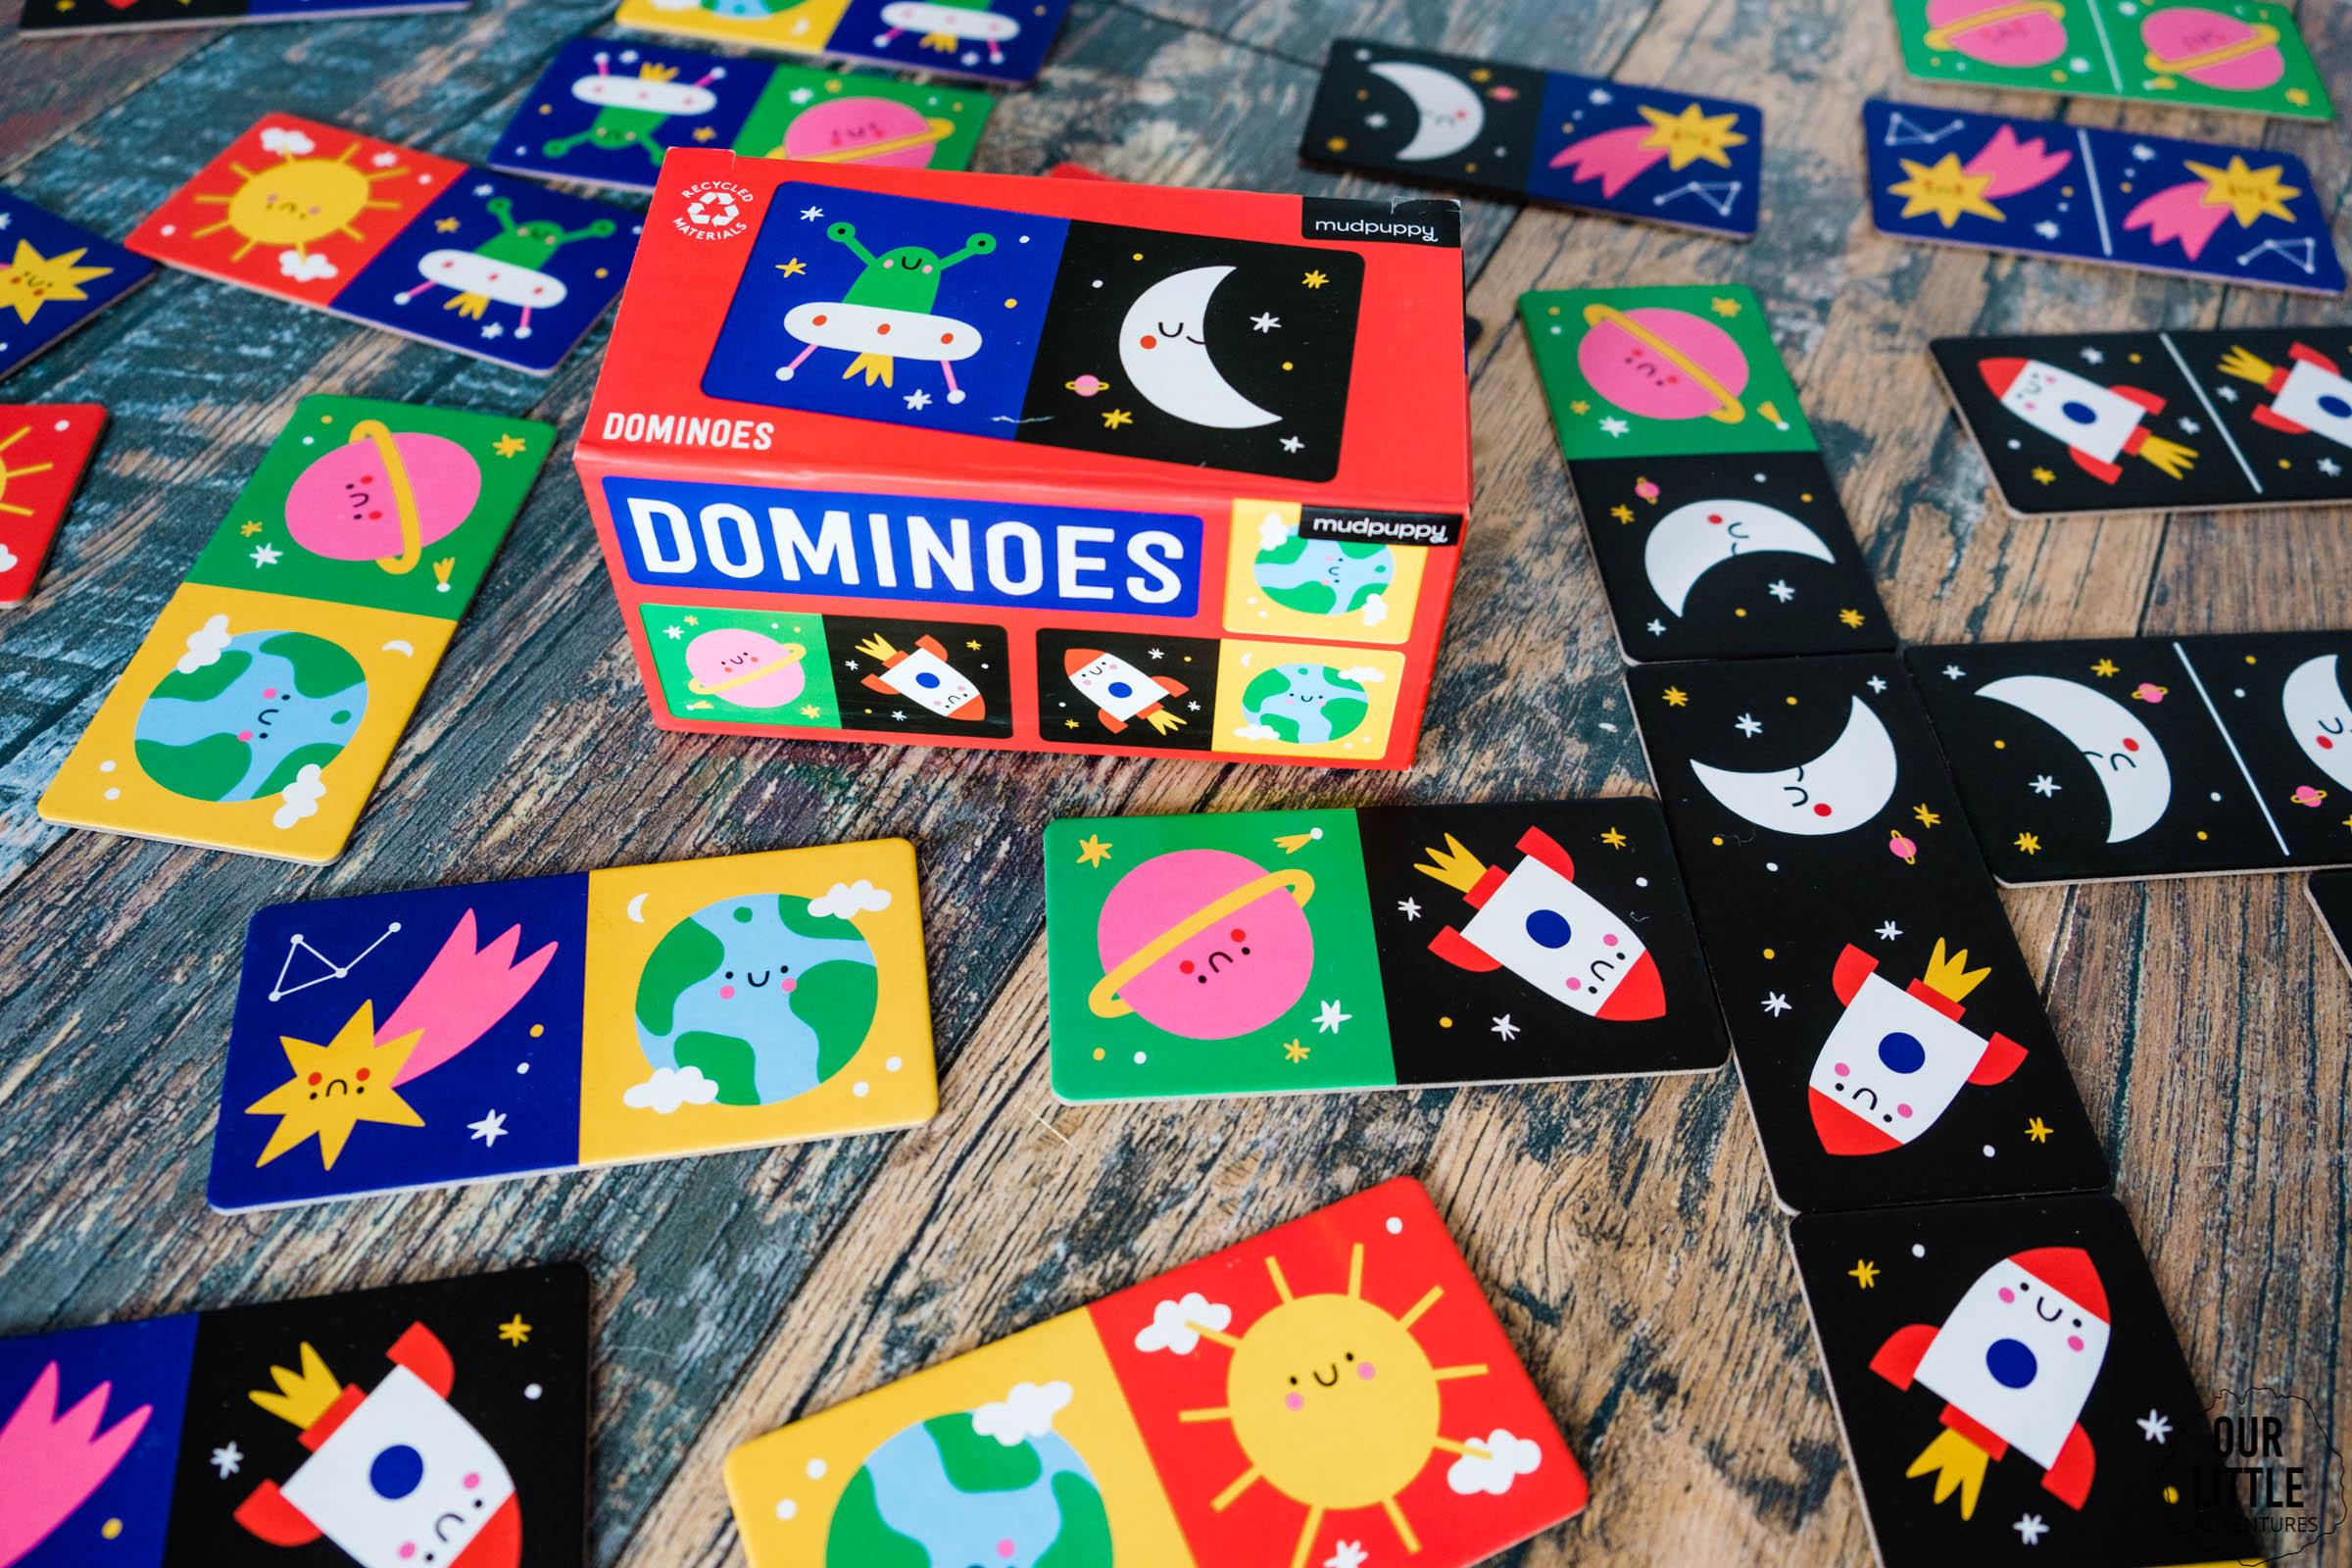 Kosmiczne domino, marka Mudpuppy, kosmos dla dzieci